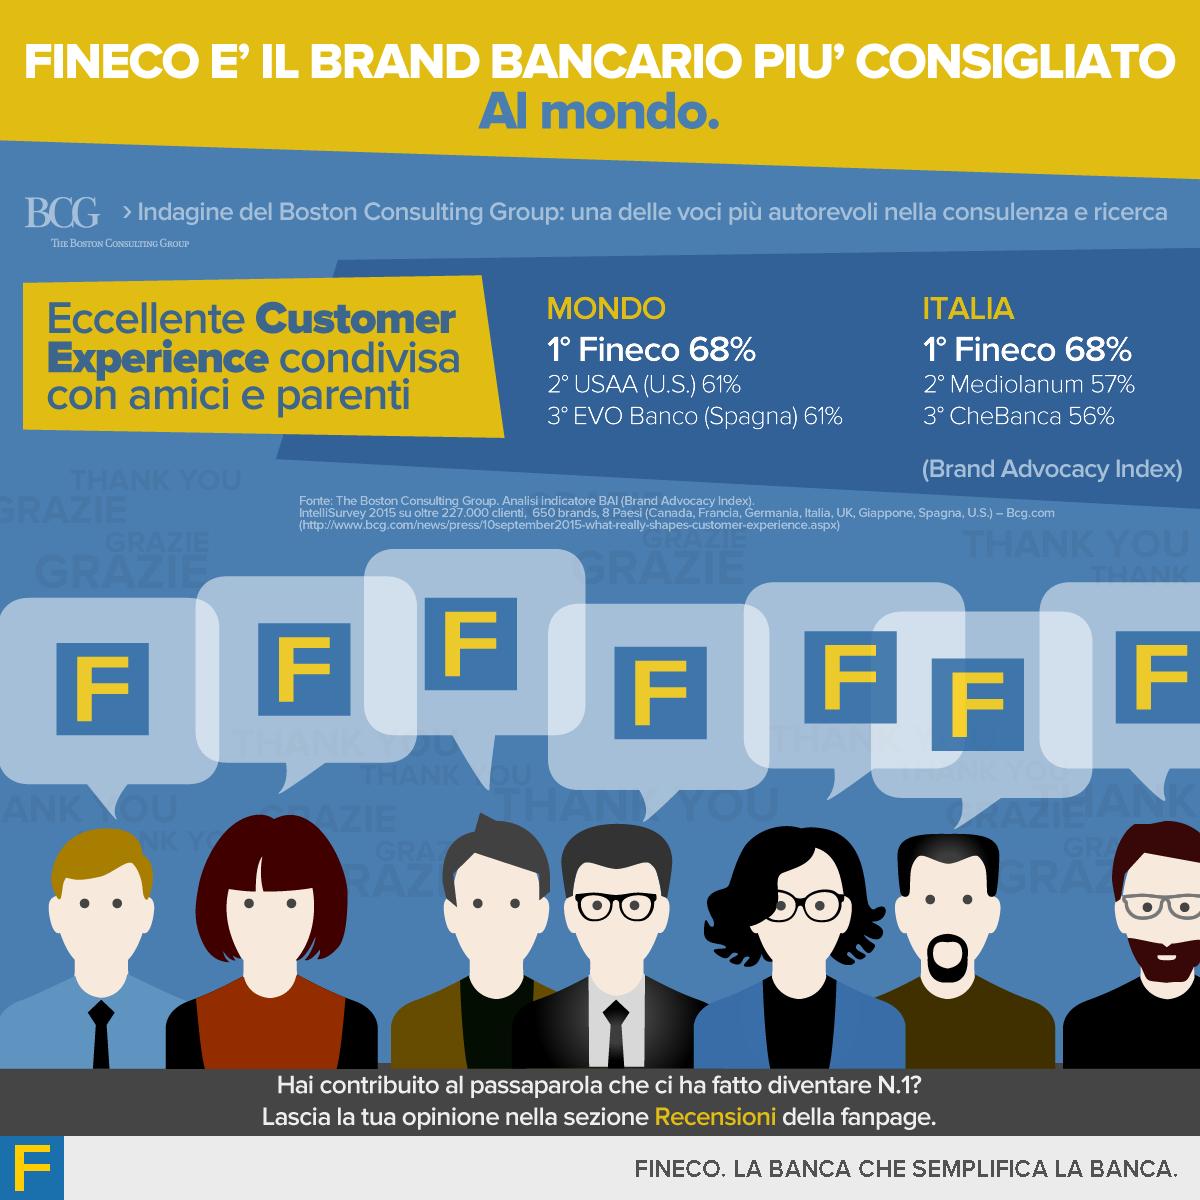 #Fineco è il brand bancario più consigliato al mondo! http://t.co/yHXL3nBoMk http://t.co/QhTwN2vJ8z